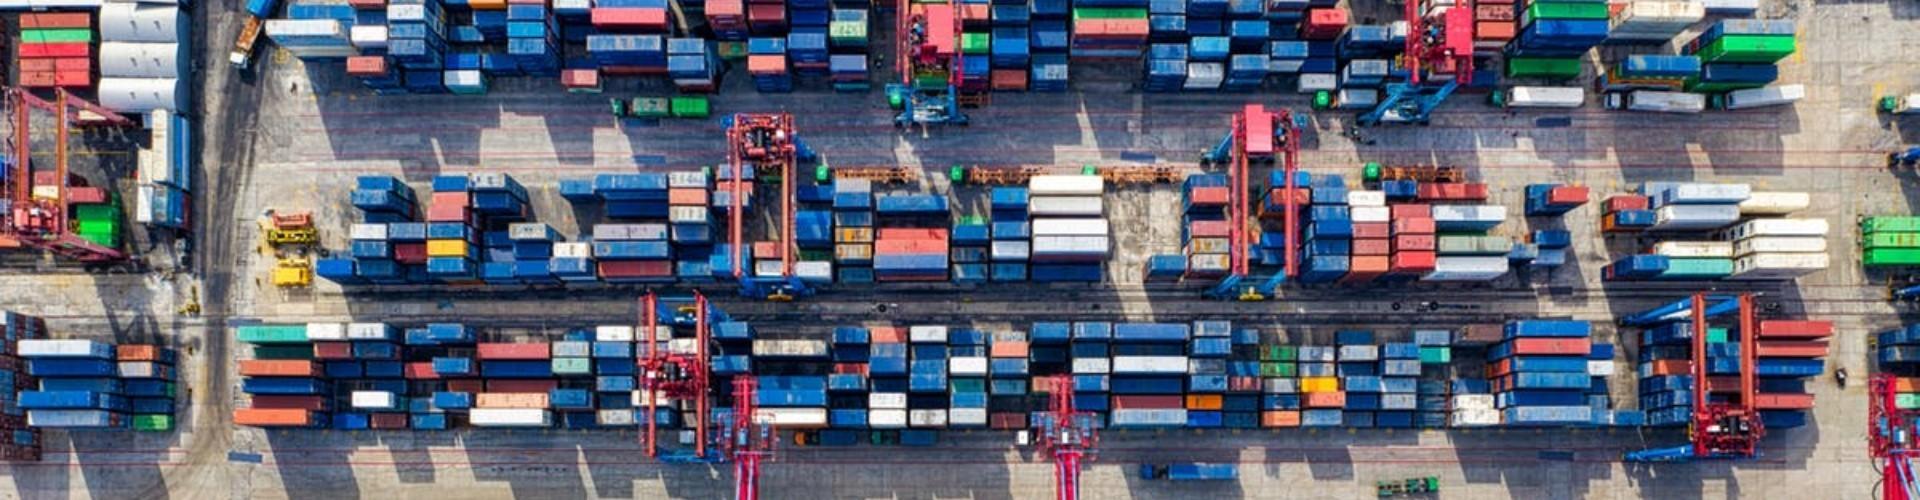 Praca logistyka - co to za branża, ile zarabia logistyk i co robi?